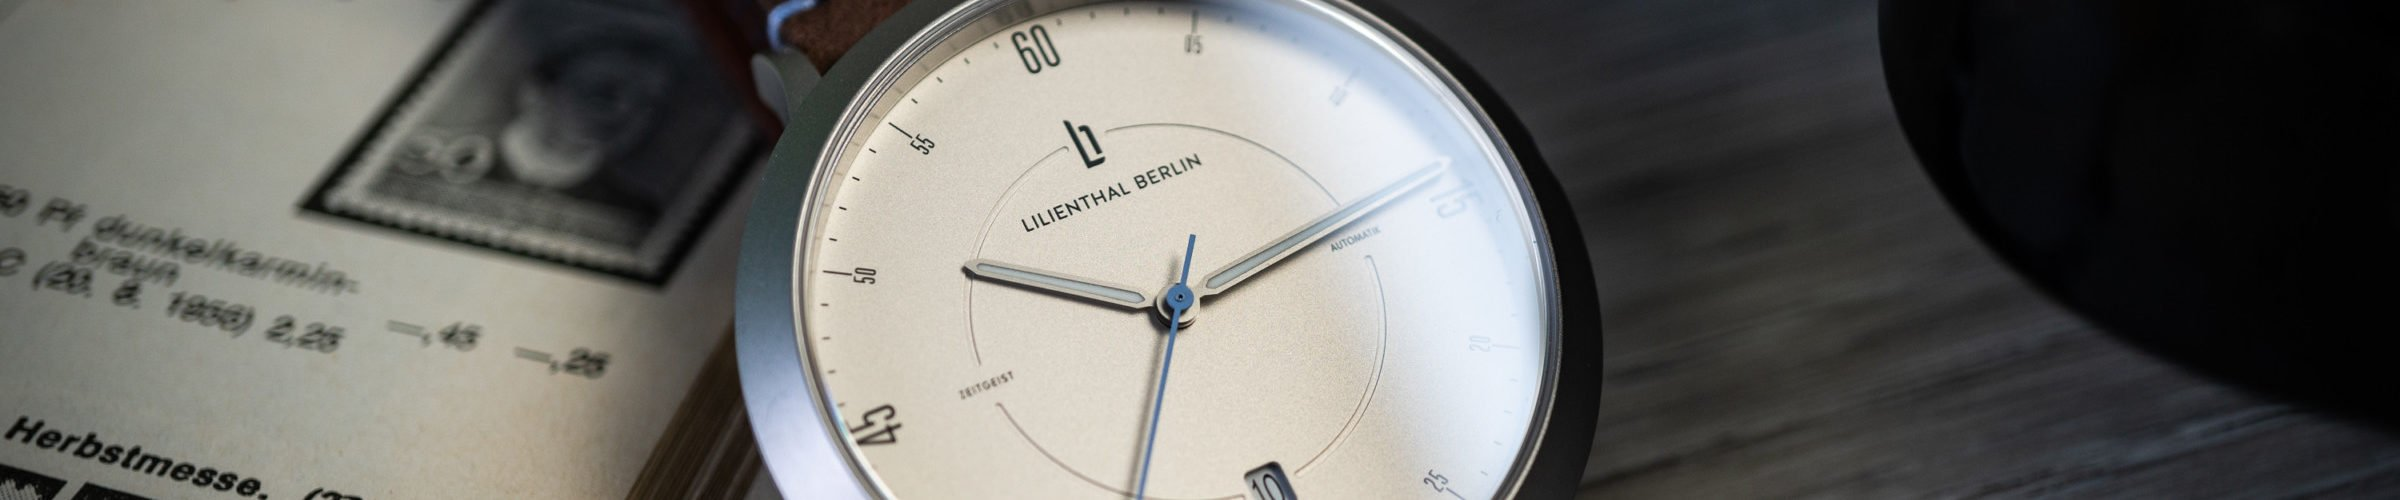 Lilienthal Berlin Zeitgeist Automatik getestet